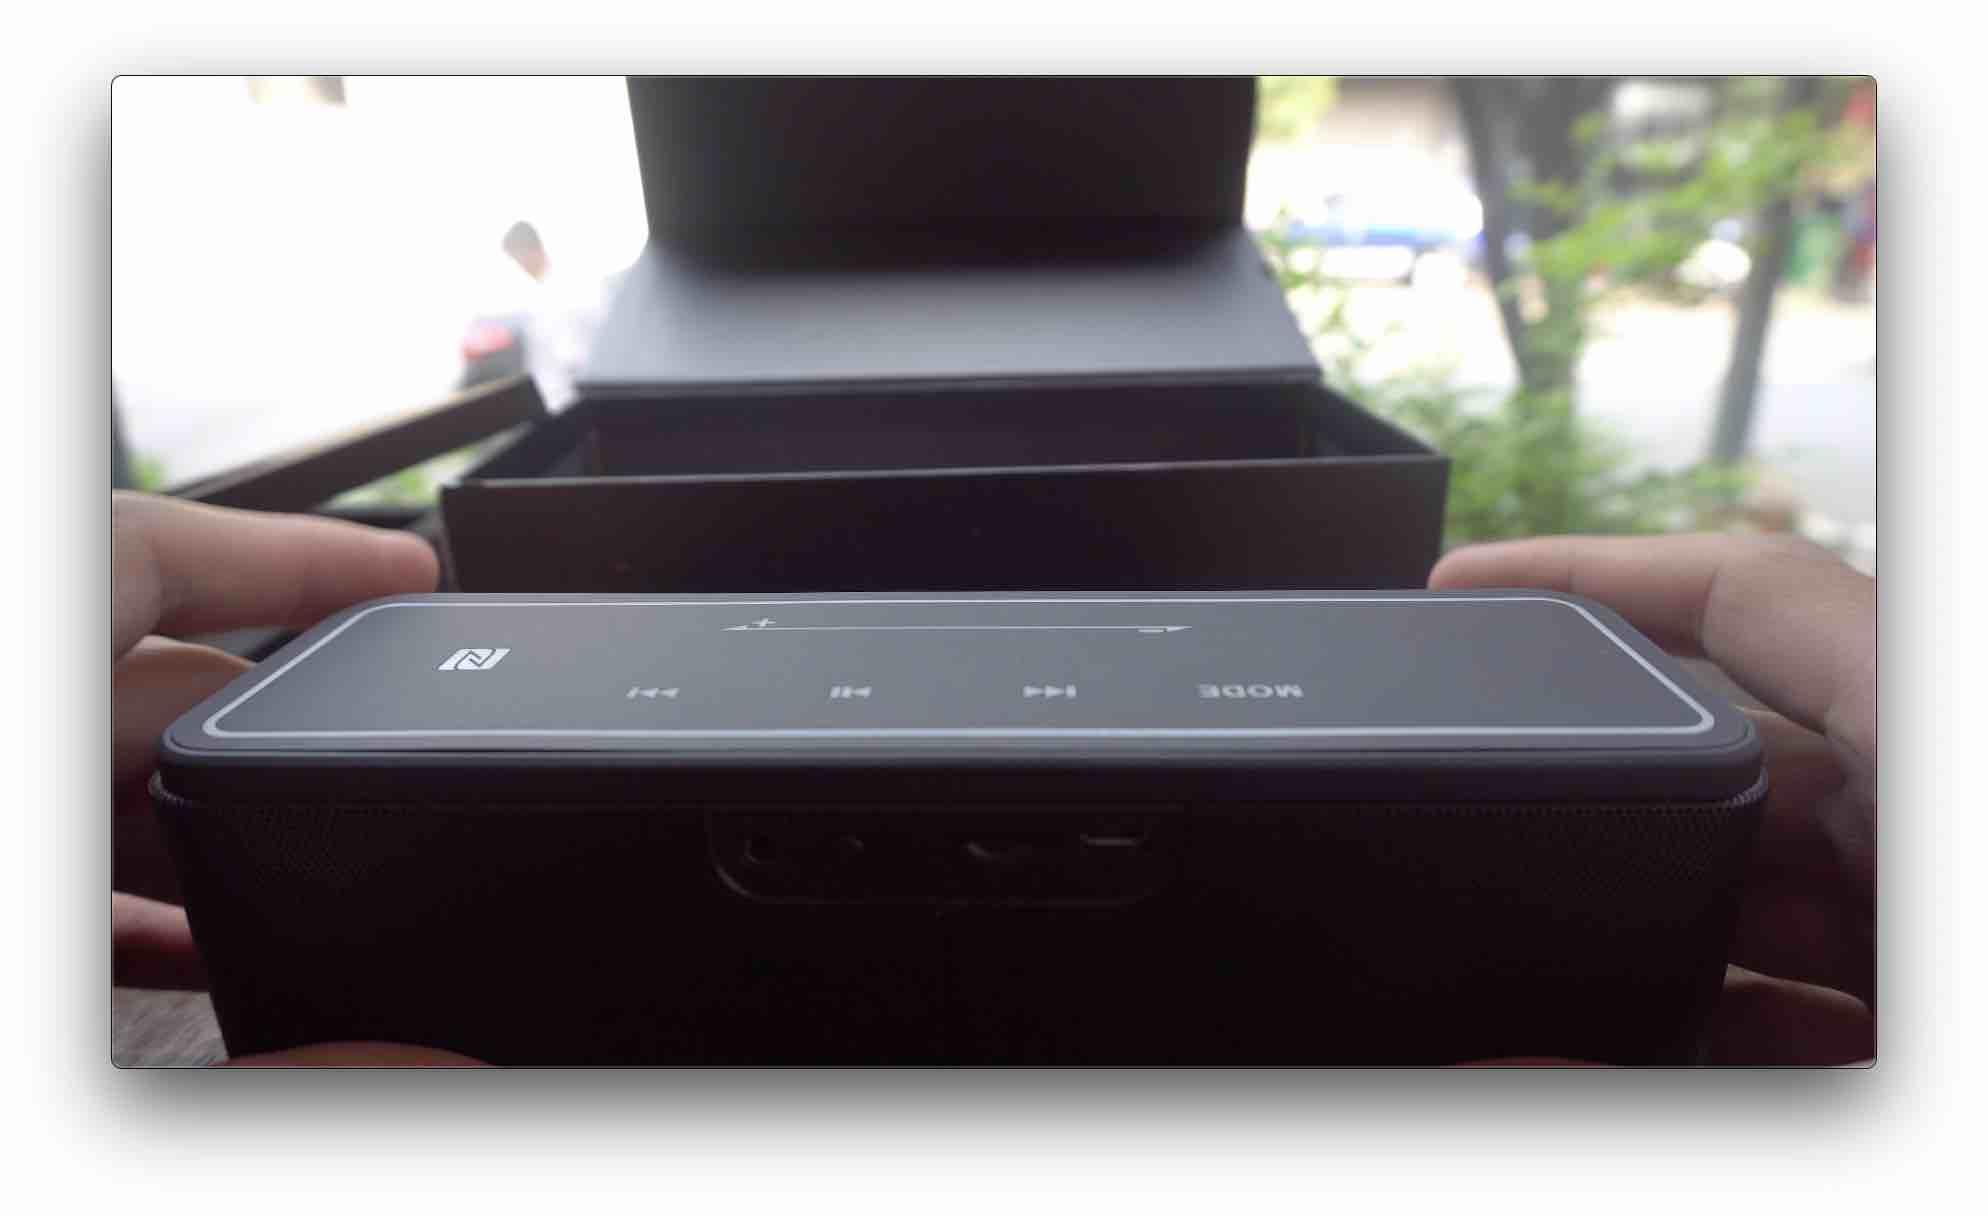 Không Kết Nối Được Loa Bluetooth Với Laptop Win 10 Thì Phải Làm Thế Nào